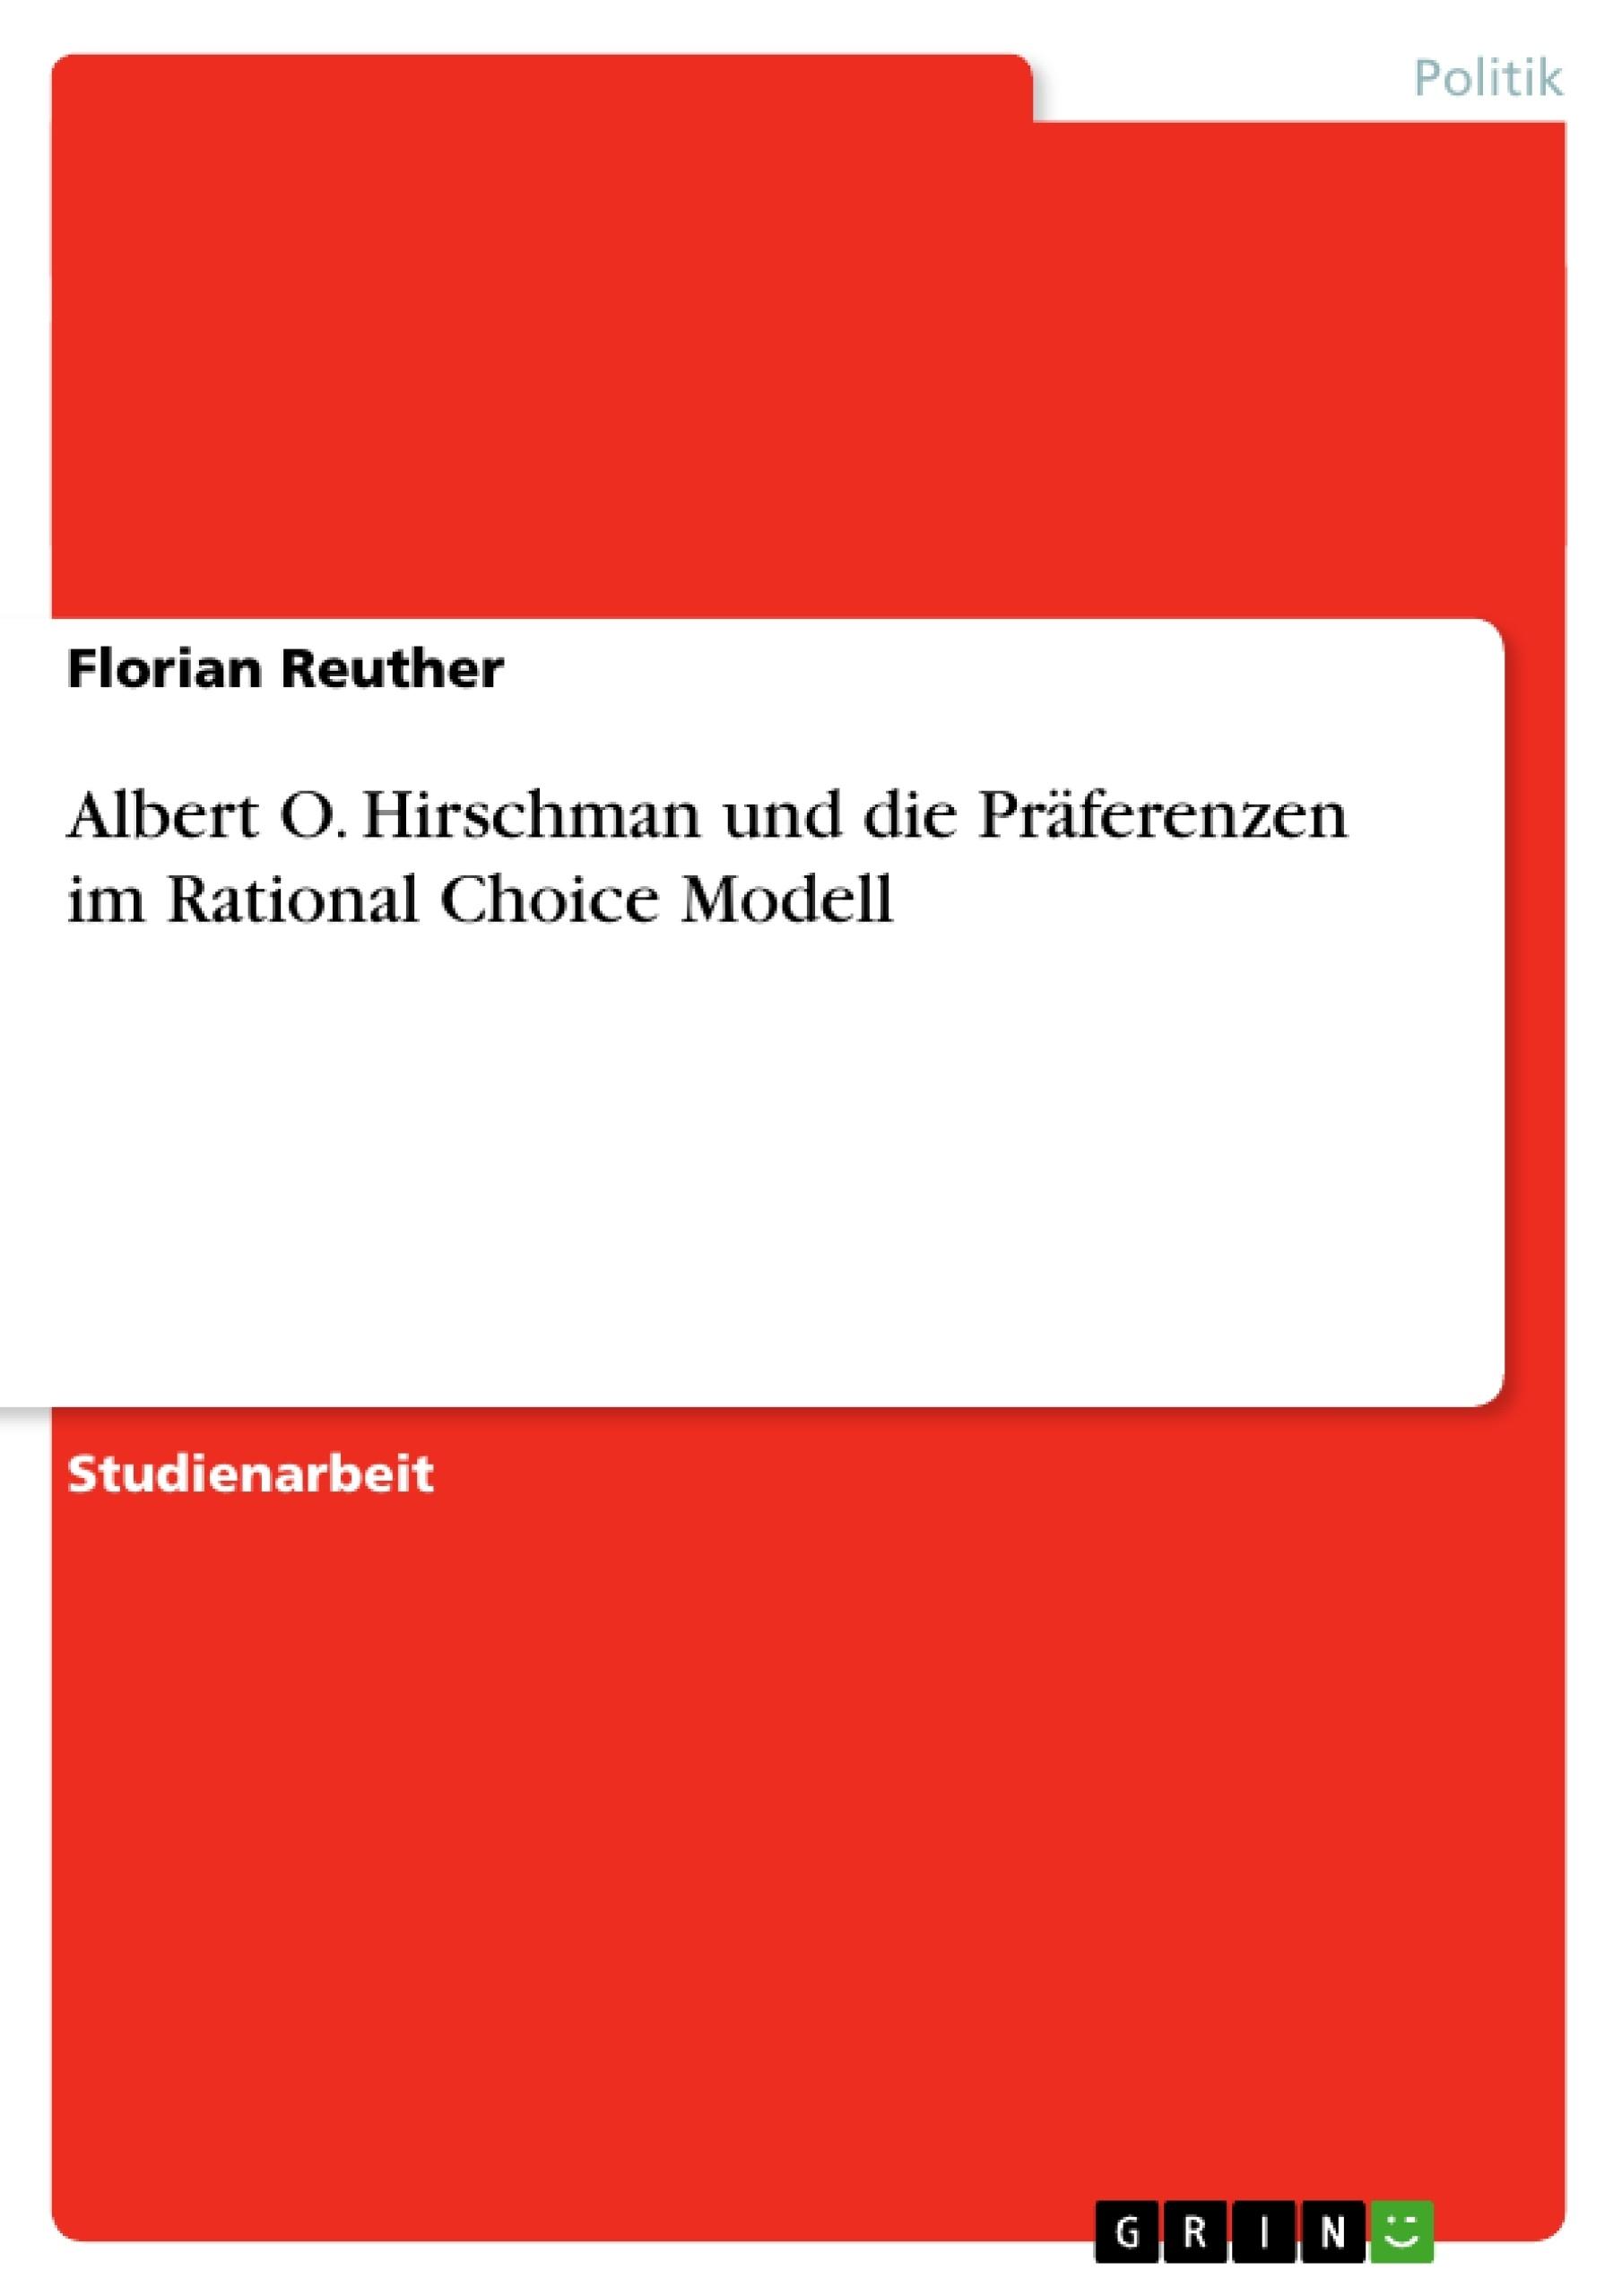 Titel: Albert O. Hirschman und die Präferenzen im Rational Choice Modell